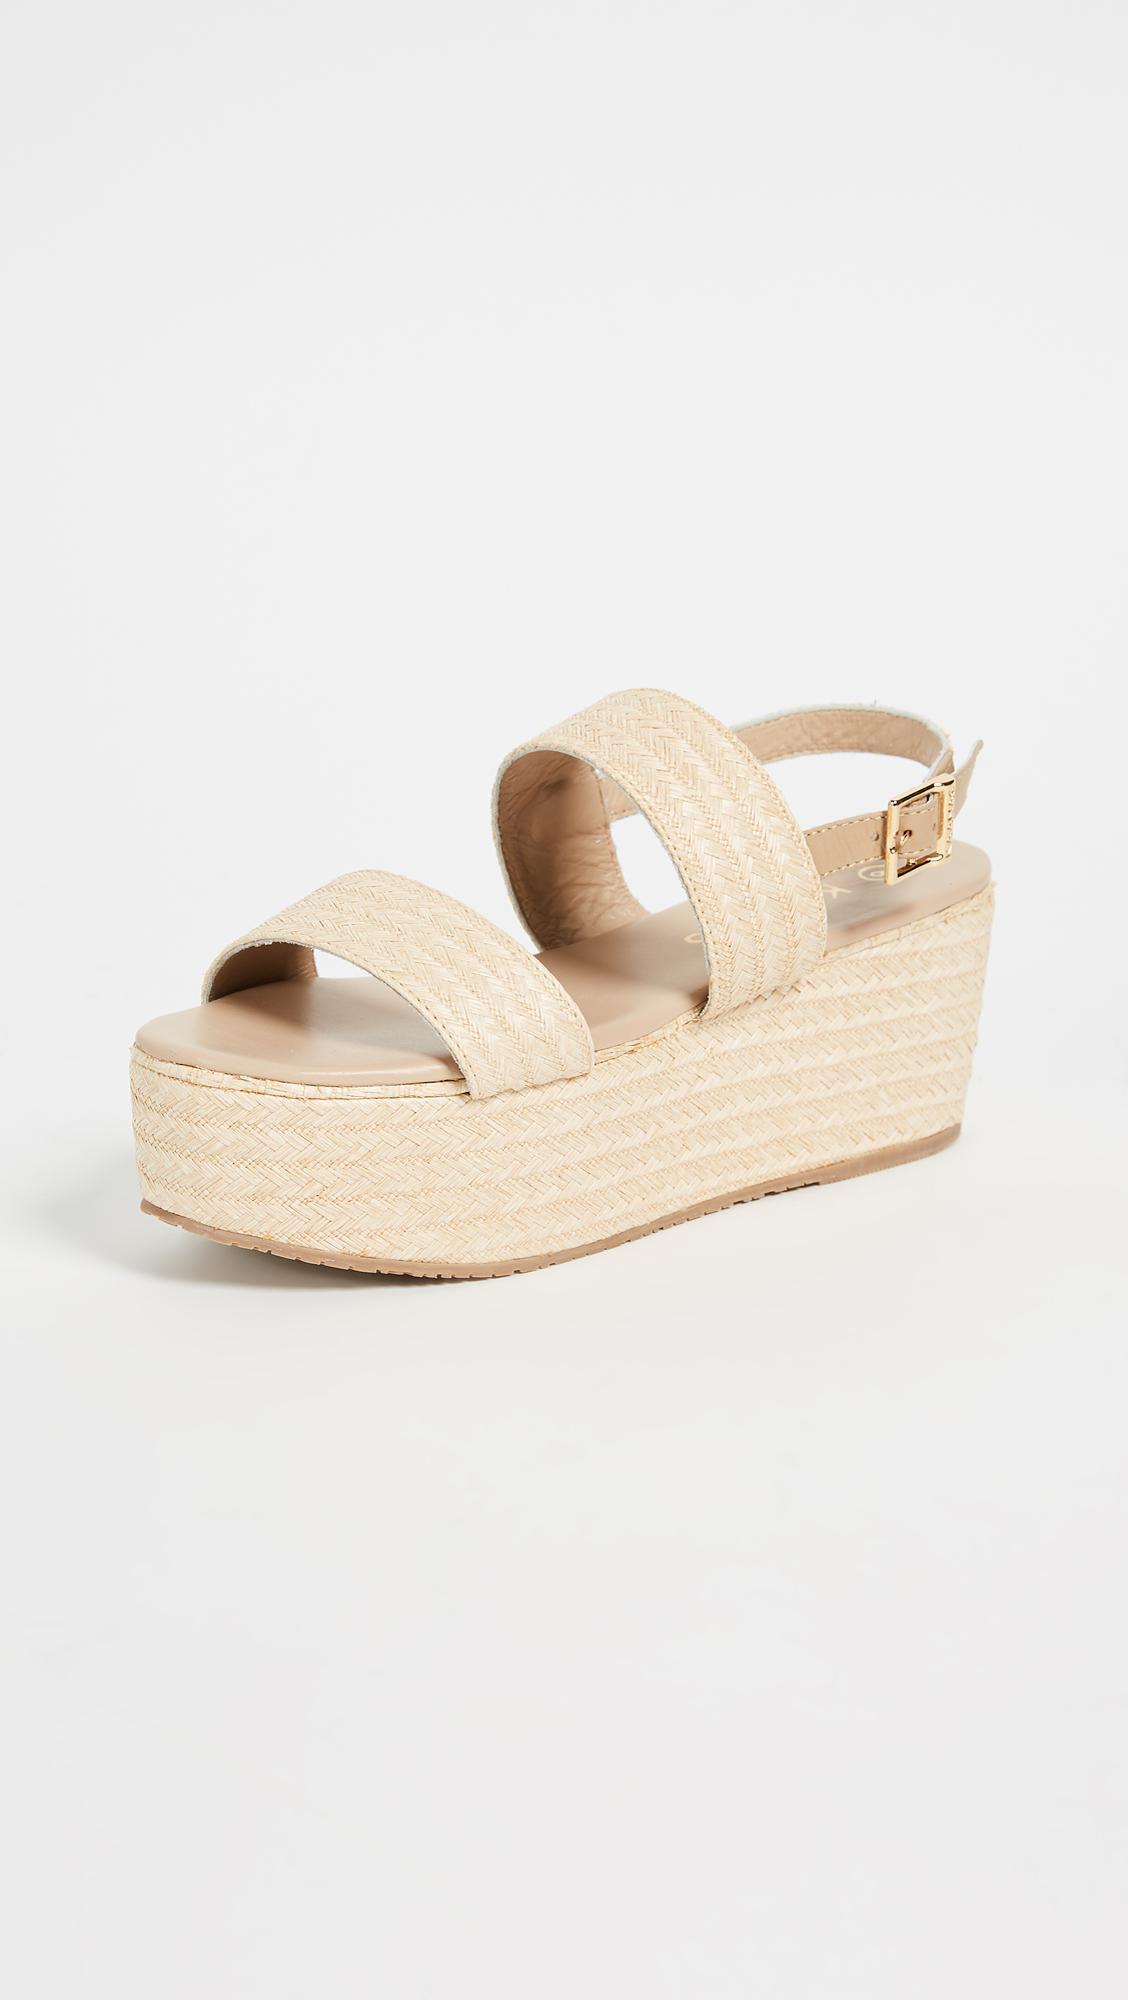 dd1a8f3e36b5 Lyst - Kaanas Goa Raffia Sandals in Natural - Save 38%